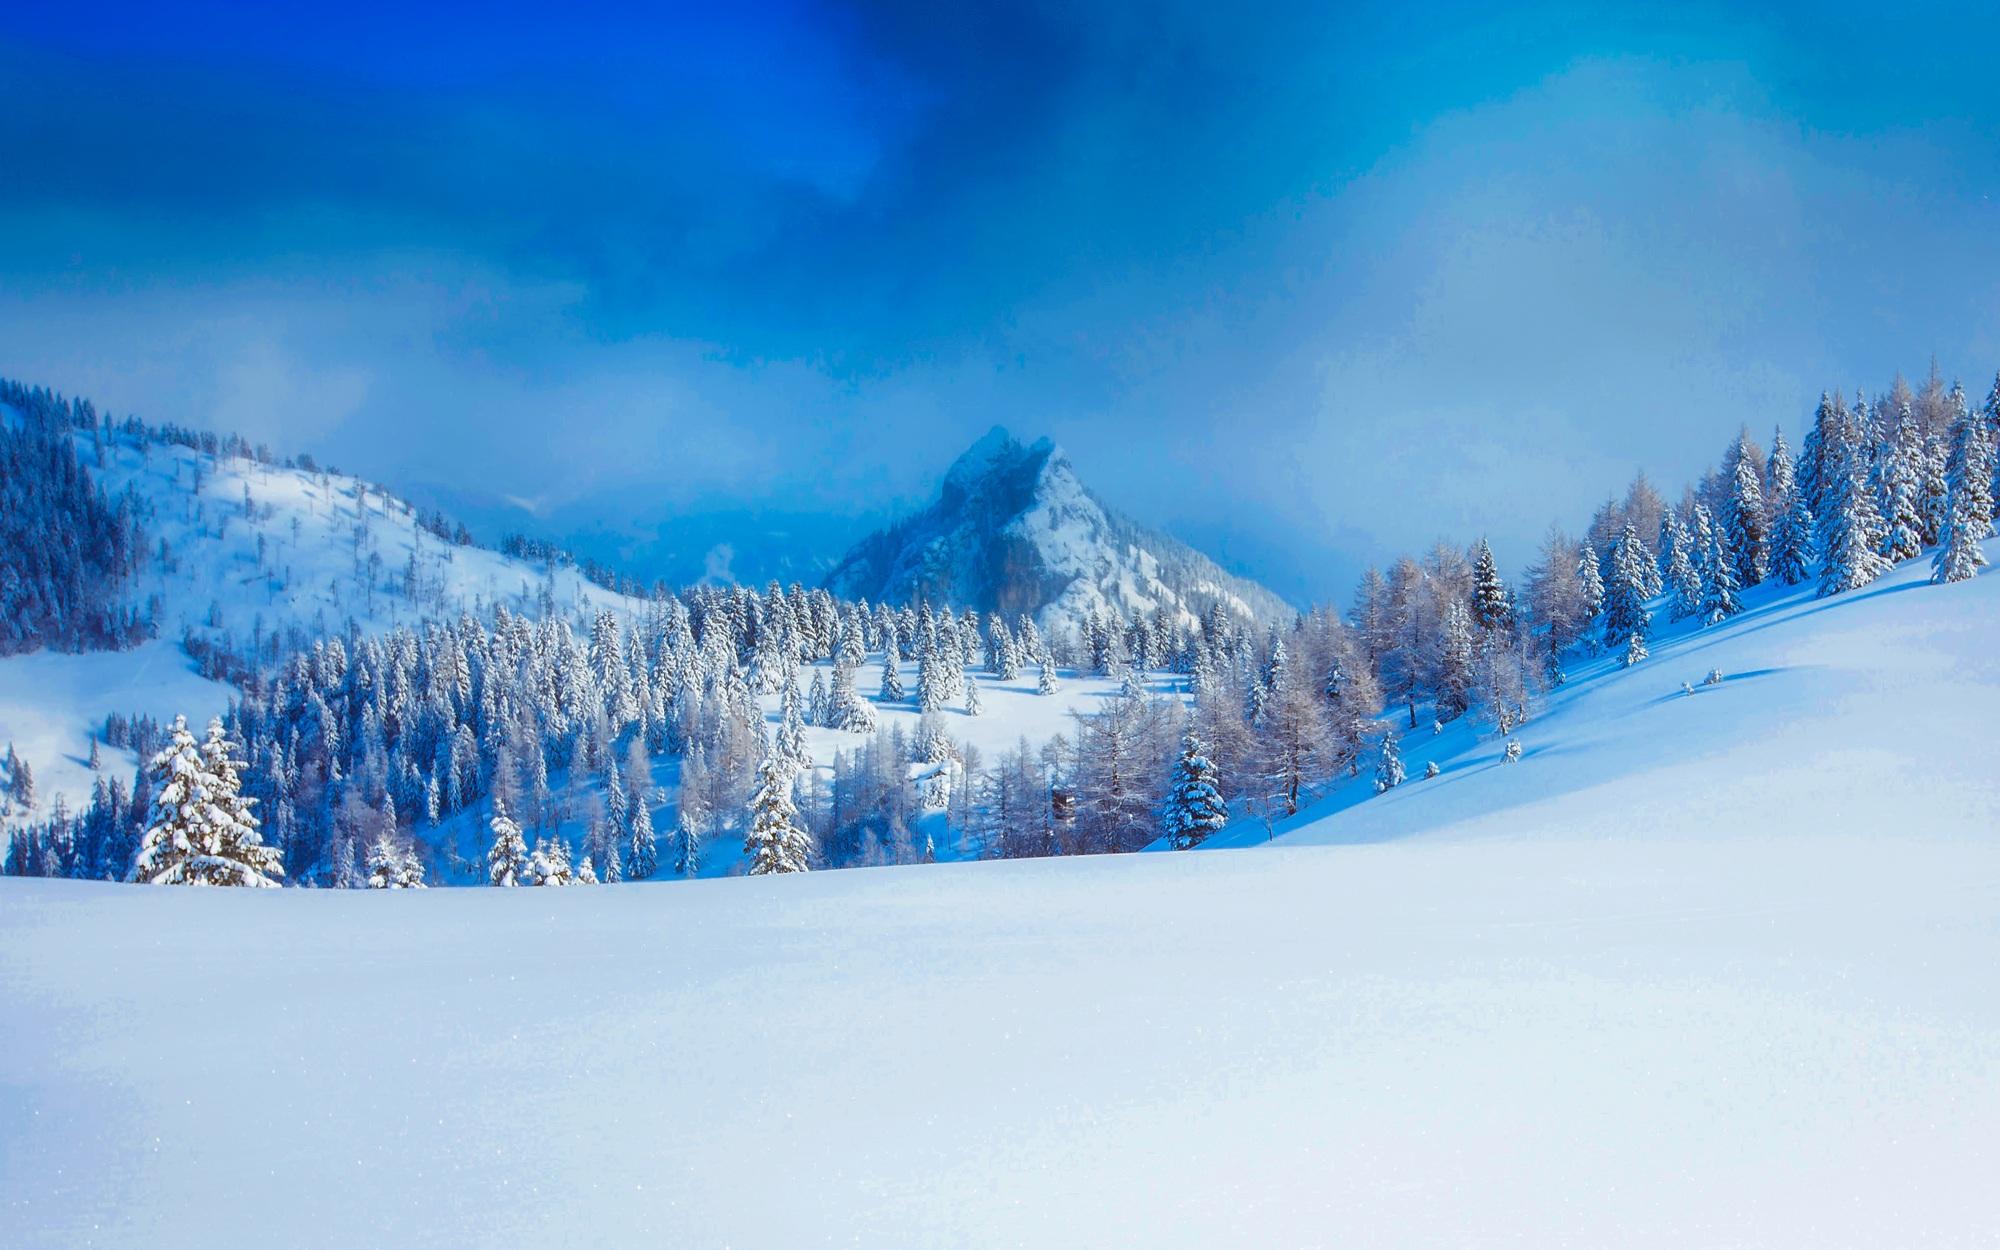 fot van besneeuwde bergtoppen